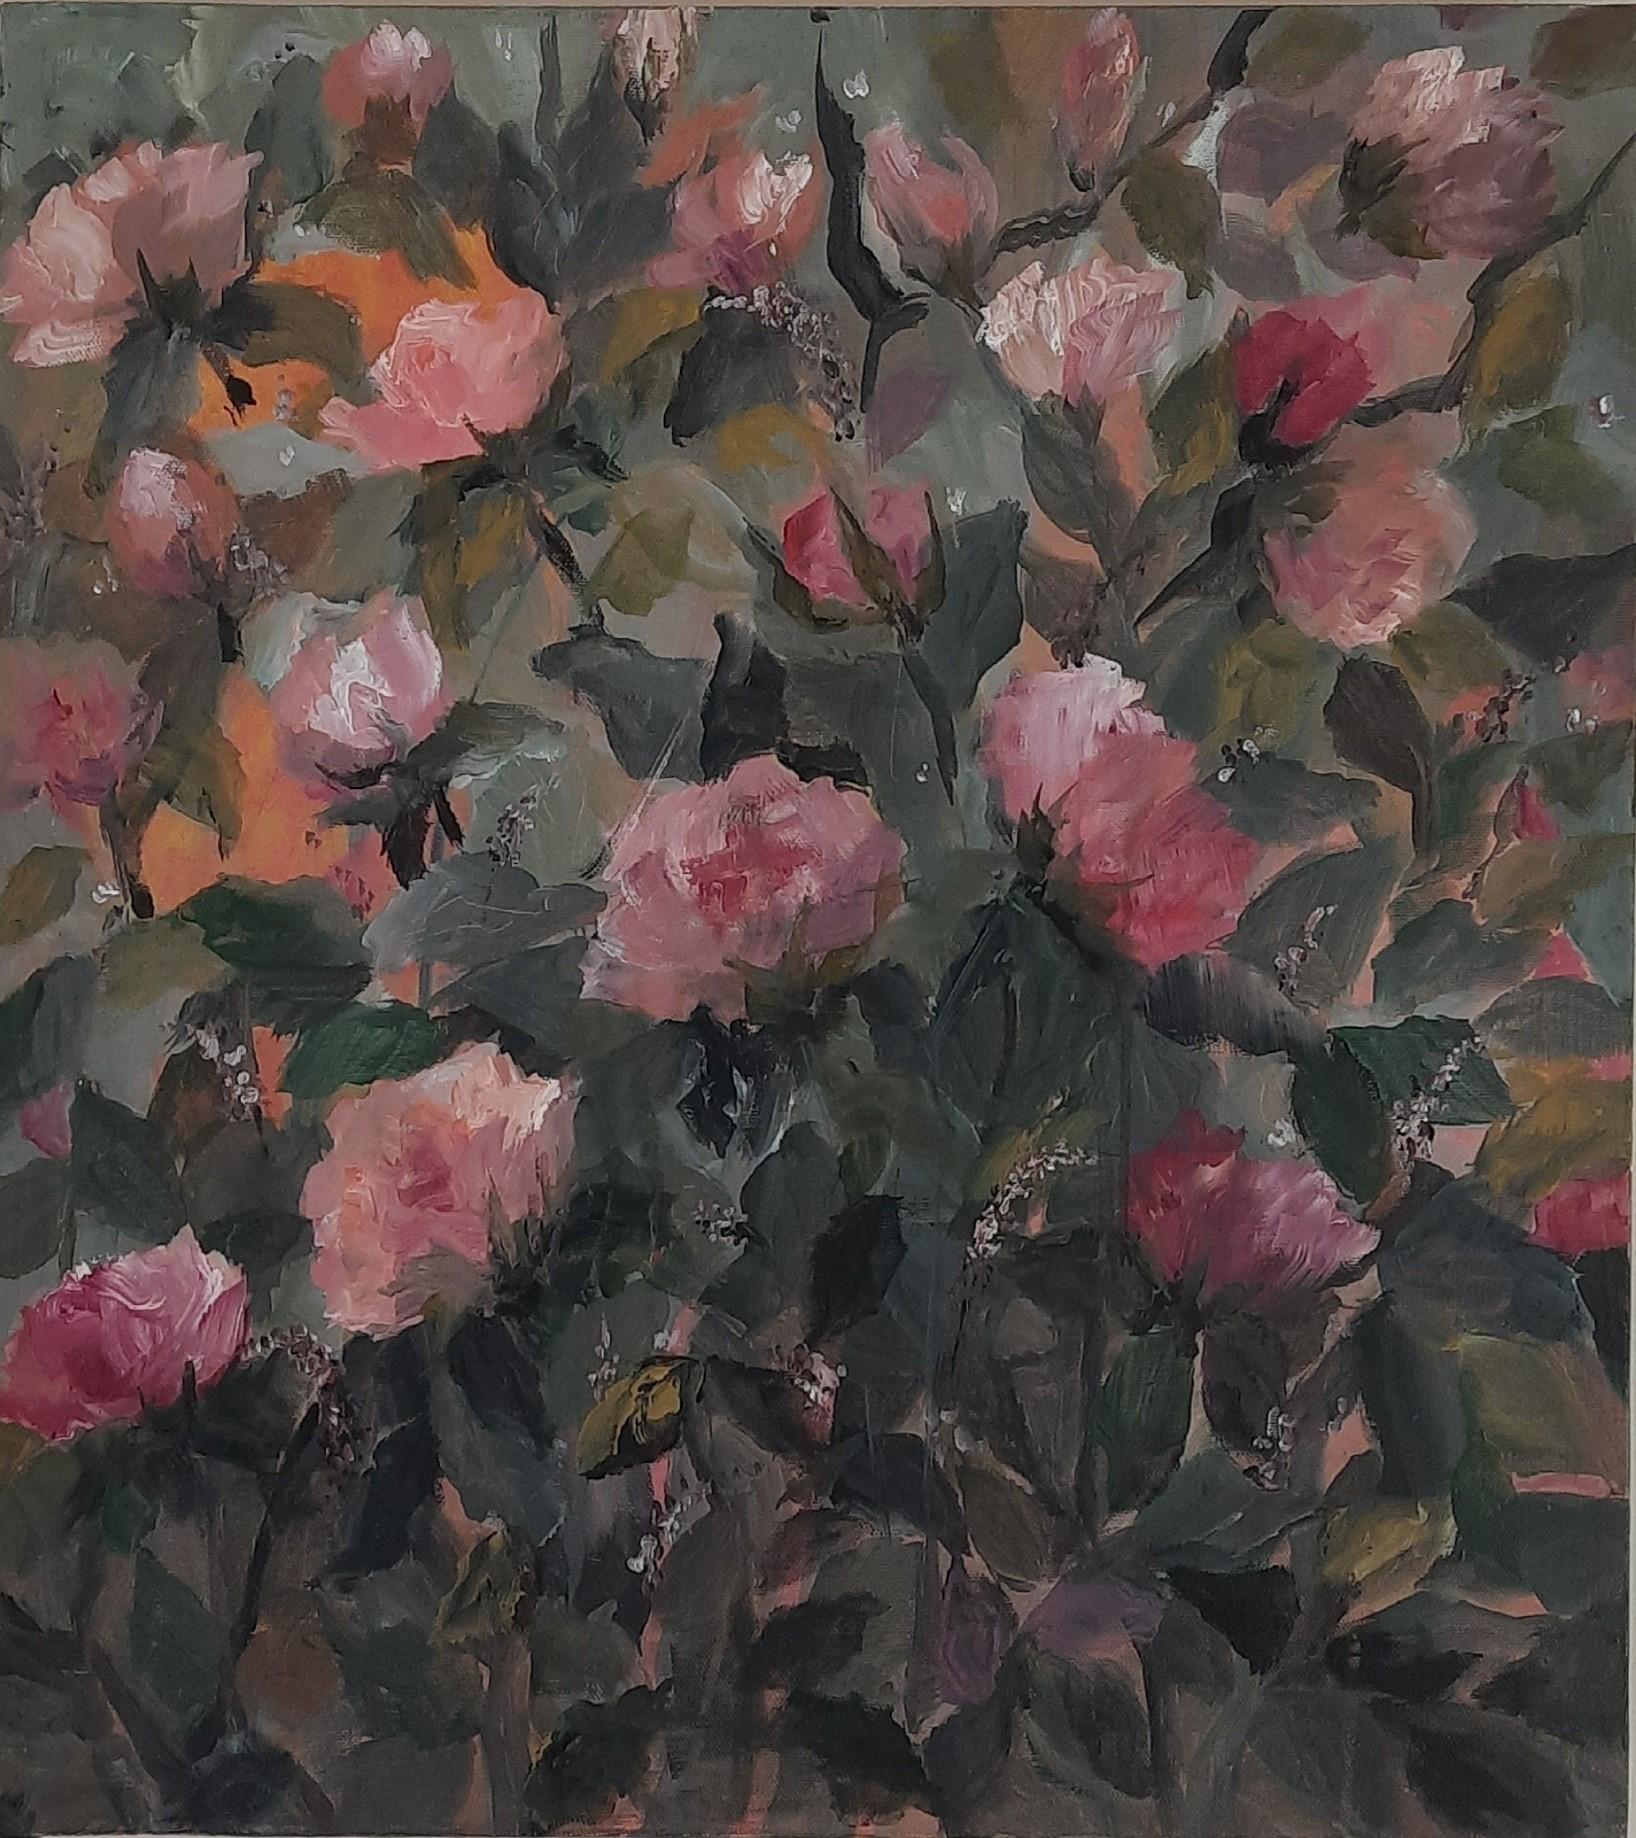 Flower power by Jean wijesekera